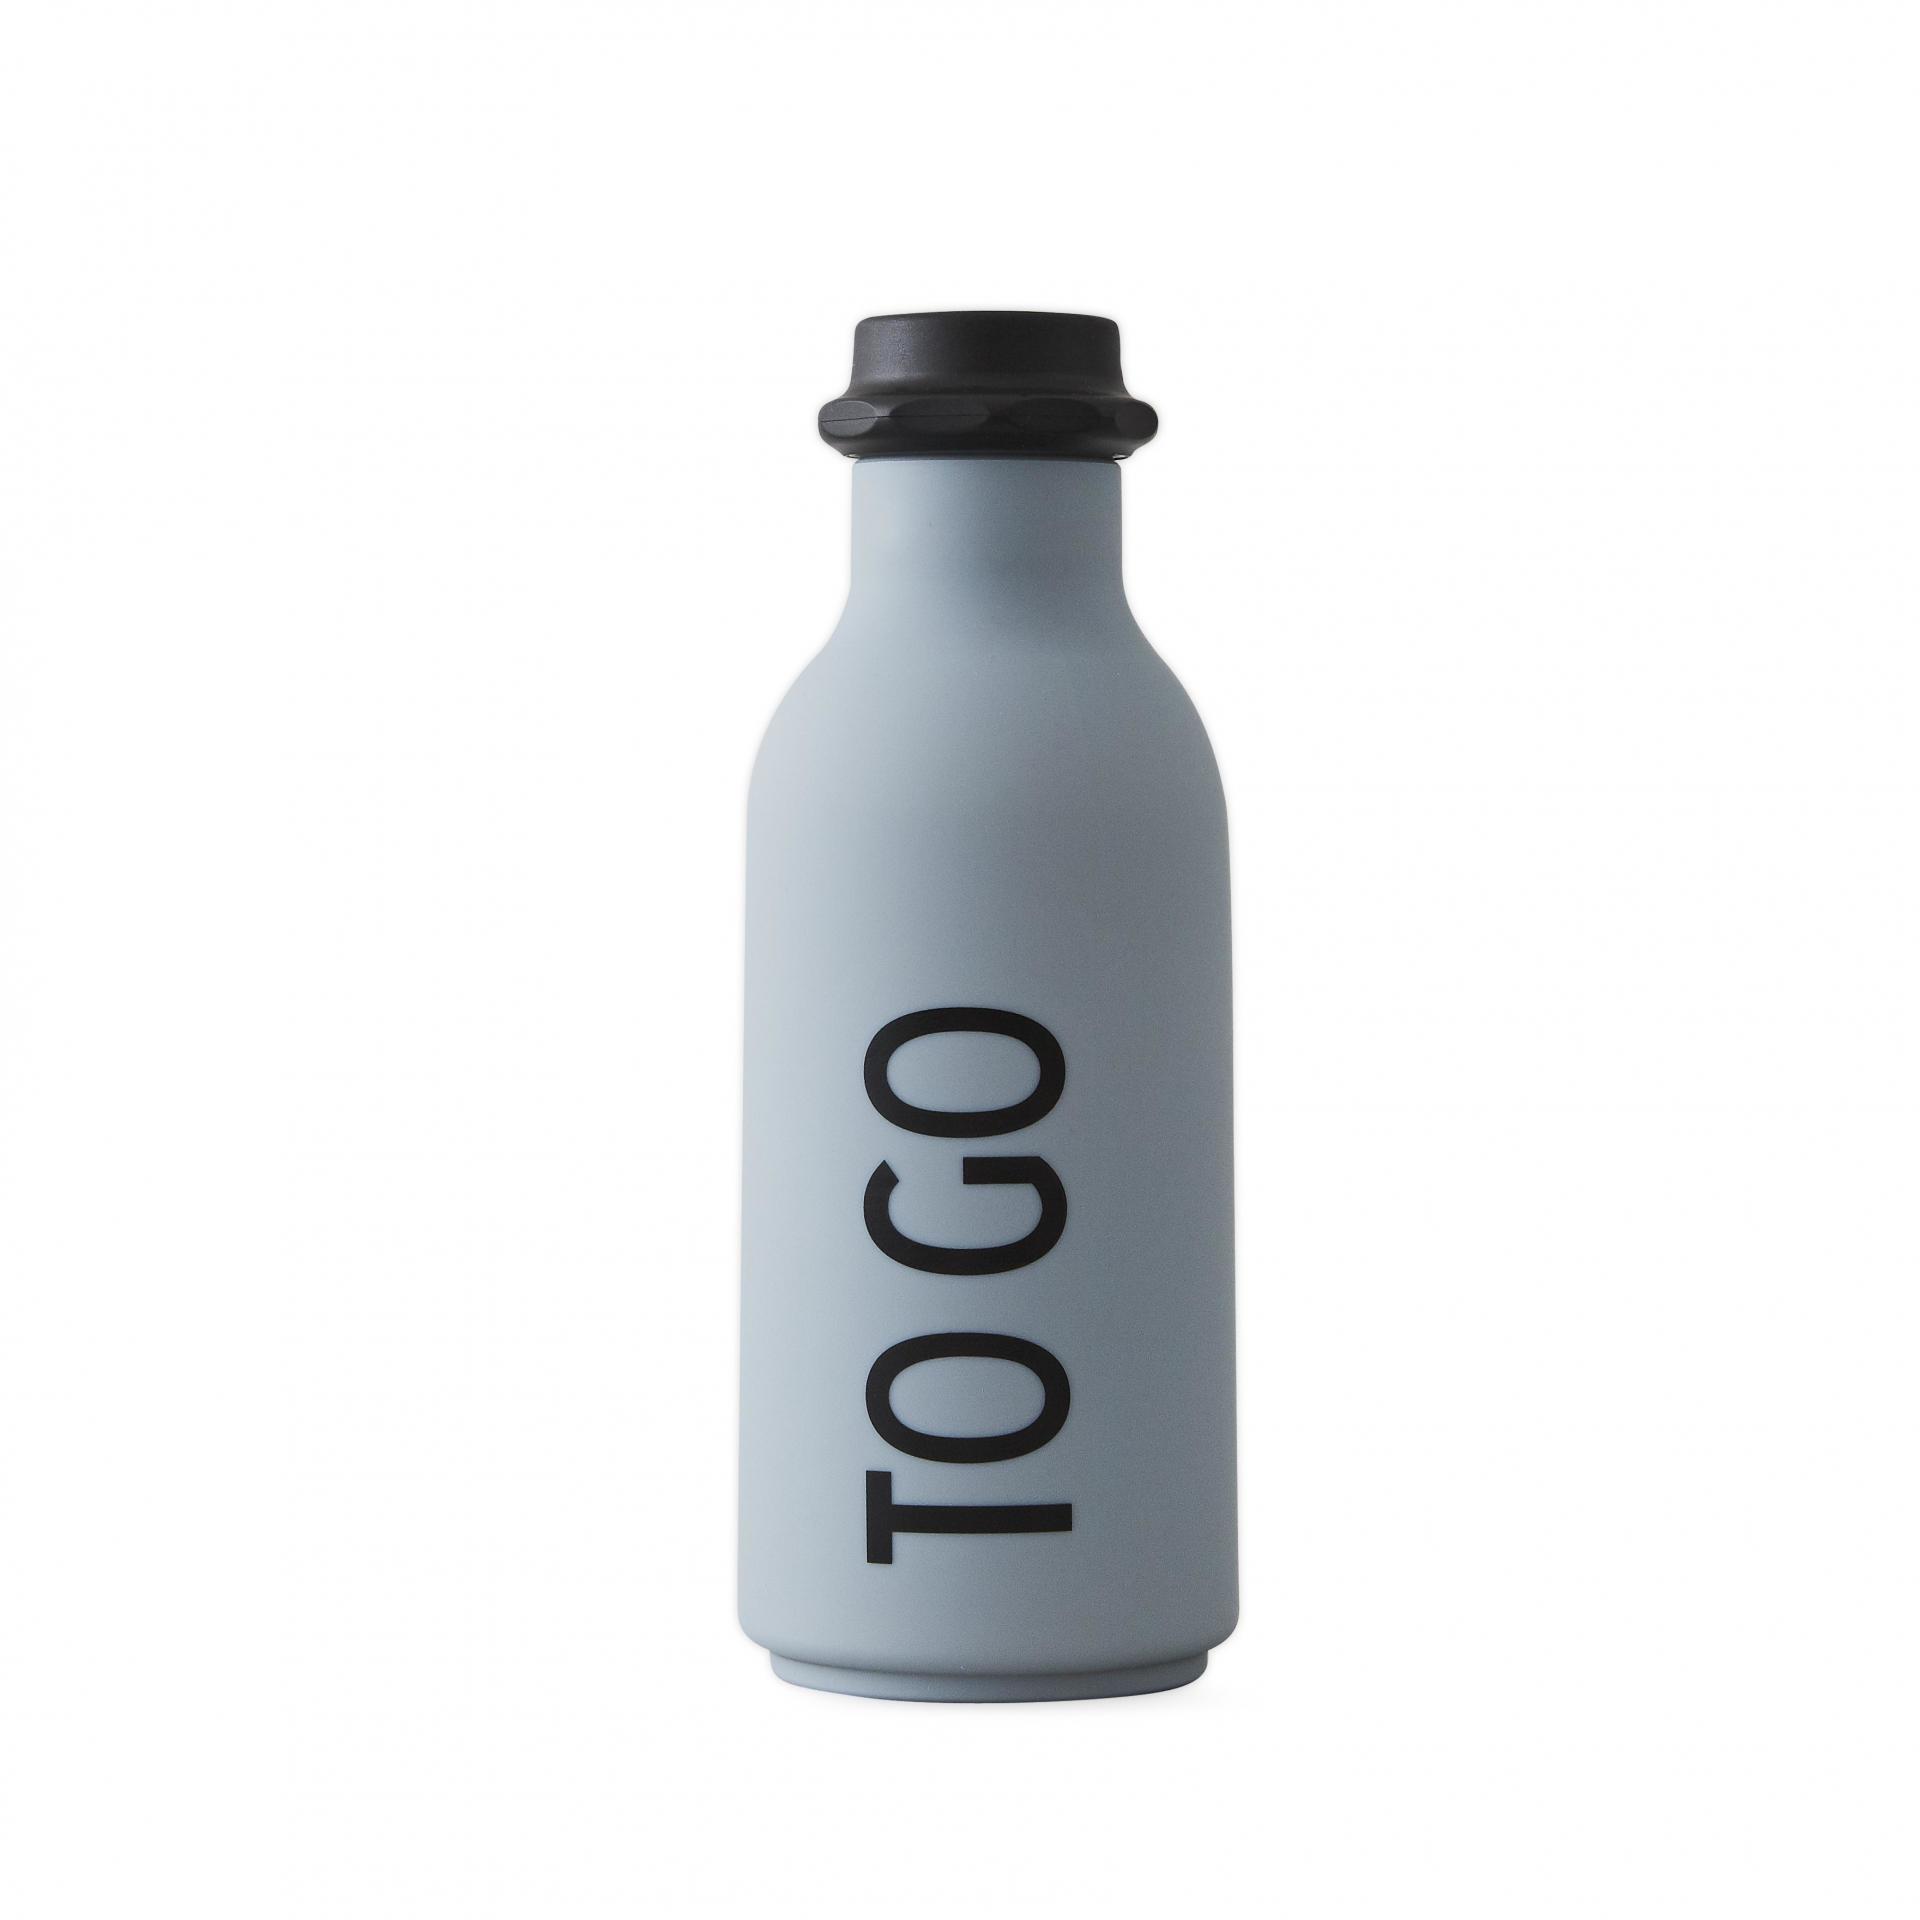 DESIGN LETTERS Lahev na vodu To Go Grey 500ml, šedá barva, plast